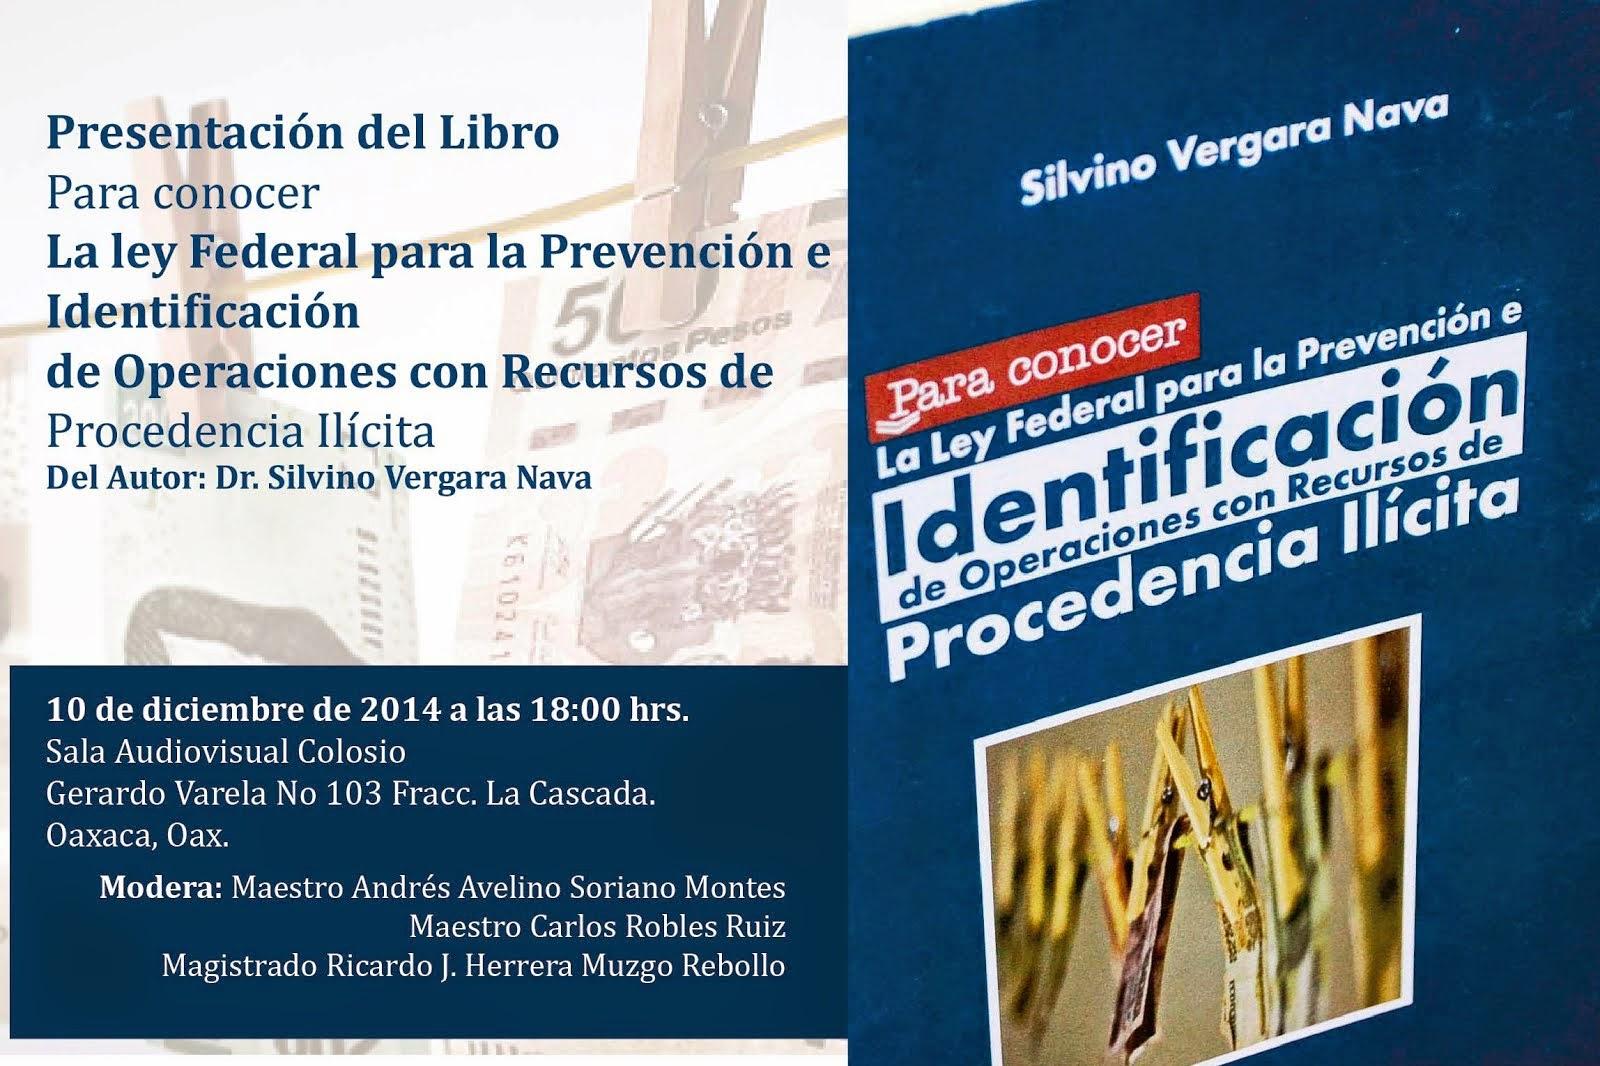 Presentación del Libro del Dr. Silvino Vergara Nava